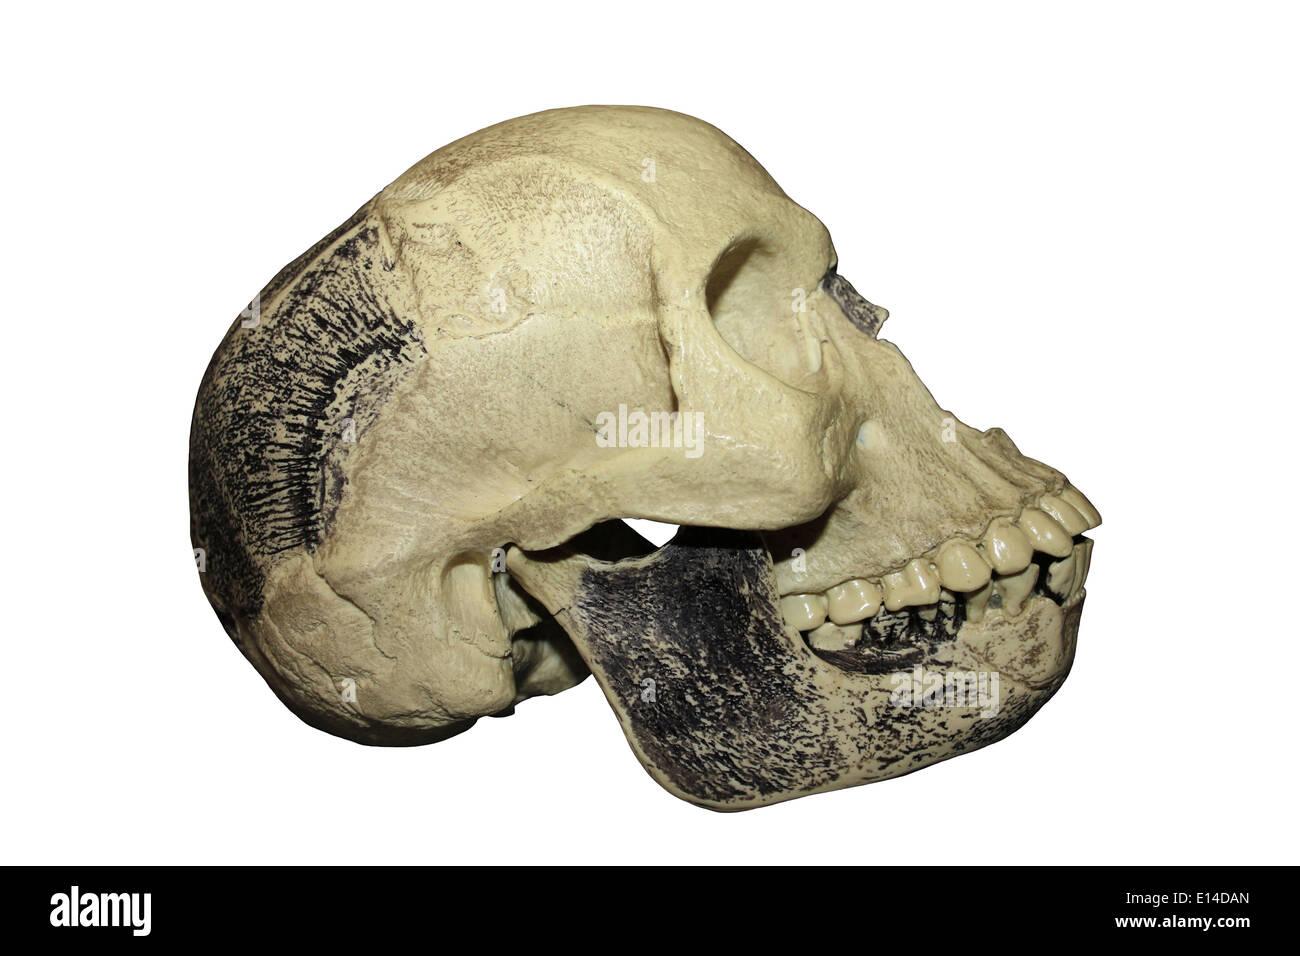 Modello di replica del 'Piltdown Man' beffa cranio Immagini Stock